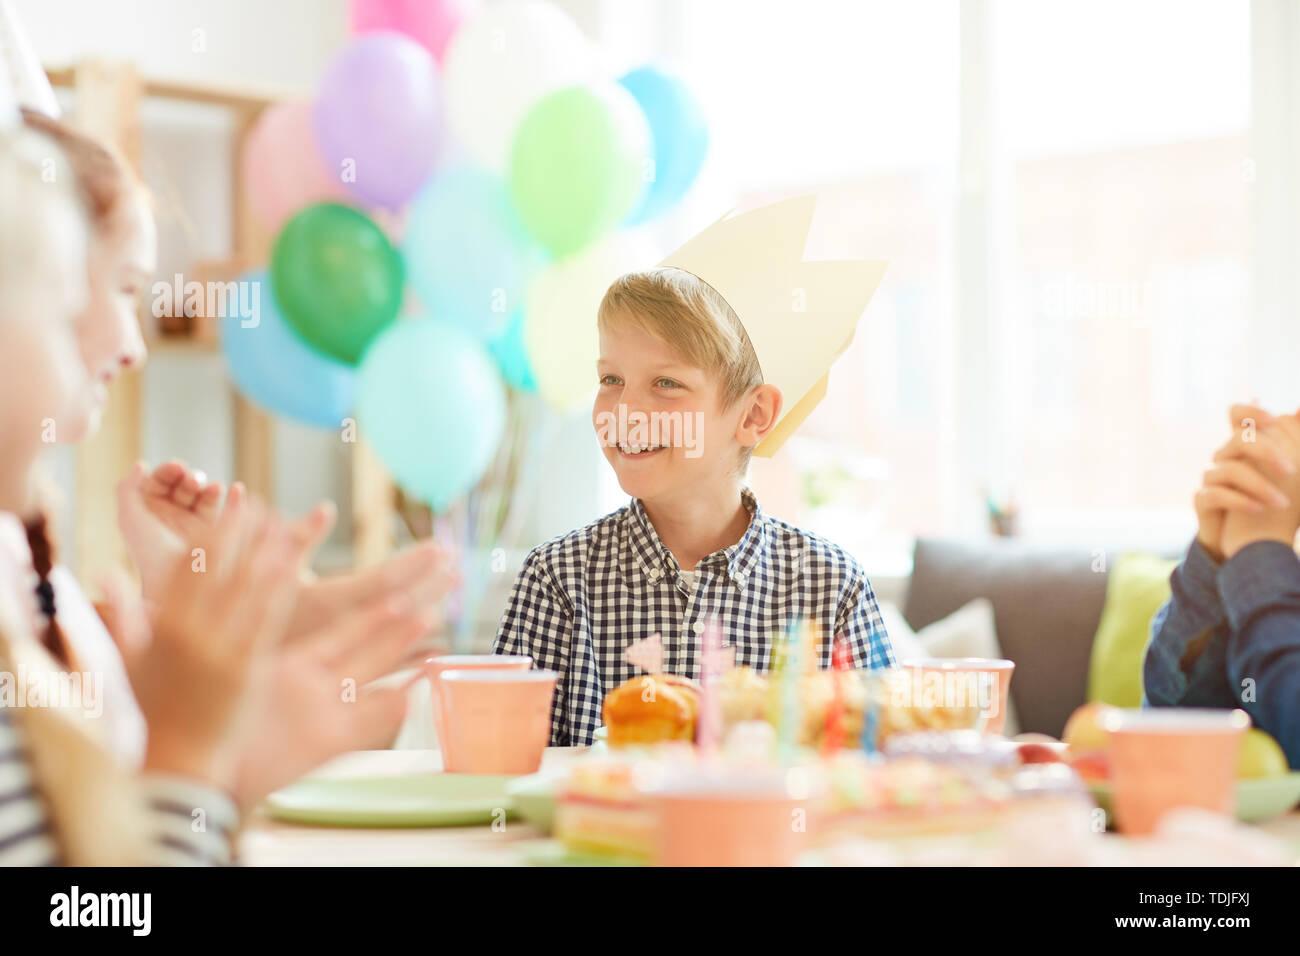 Ritratto di ragazzo sorridente indossando la corona seduta a tavola mentre festeggia il compleanno con gli amici, spazio di copia Foto Stock